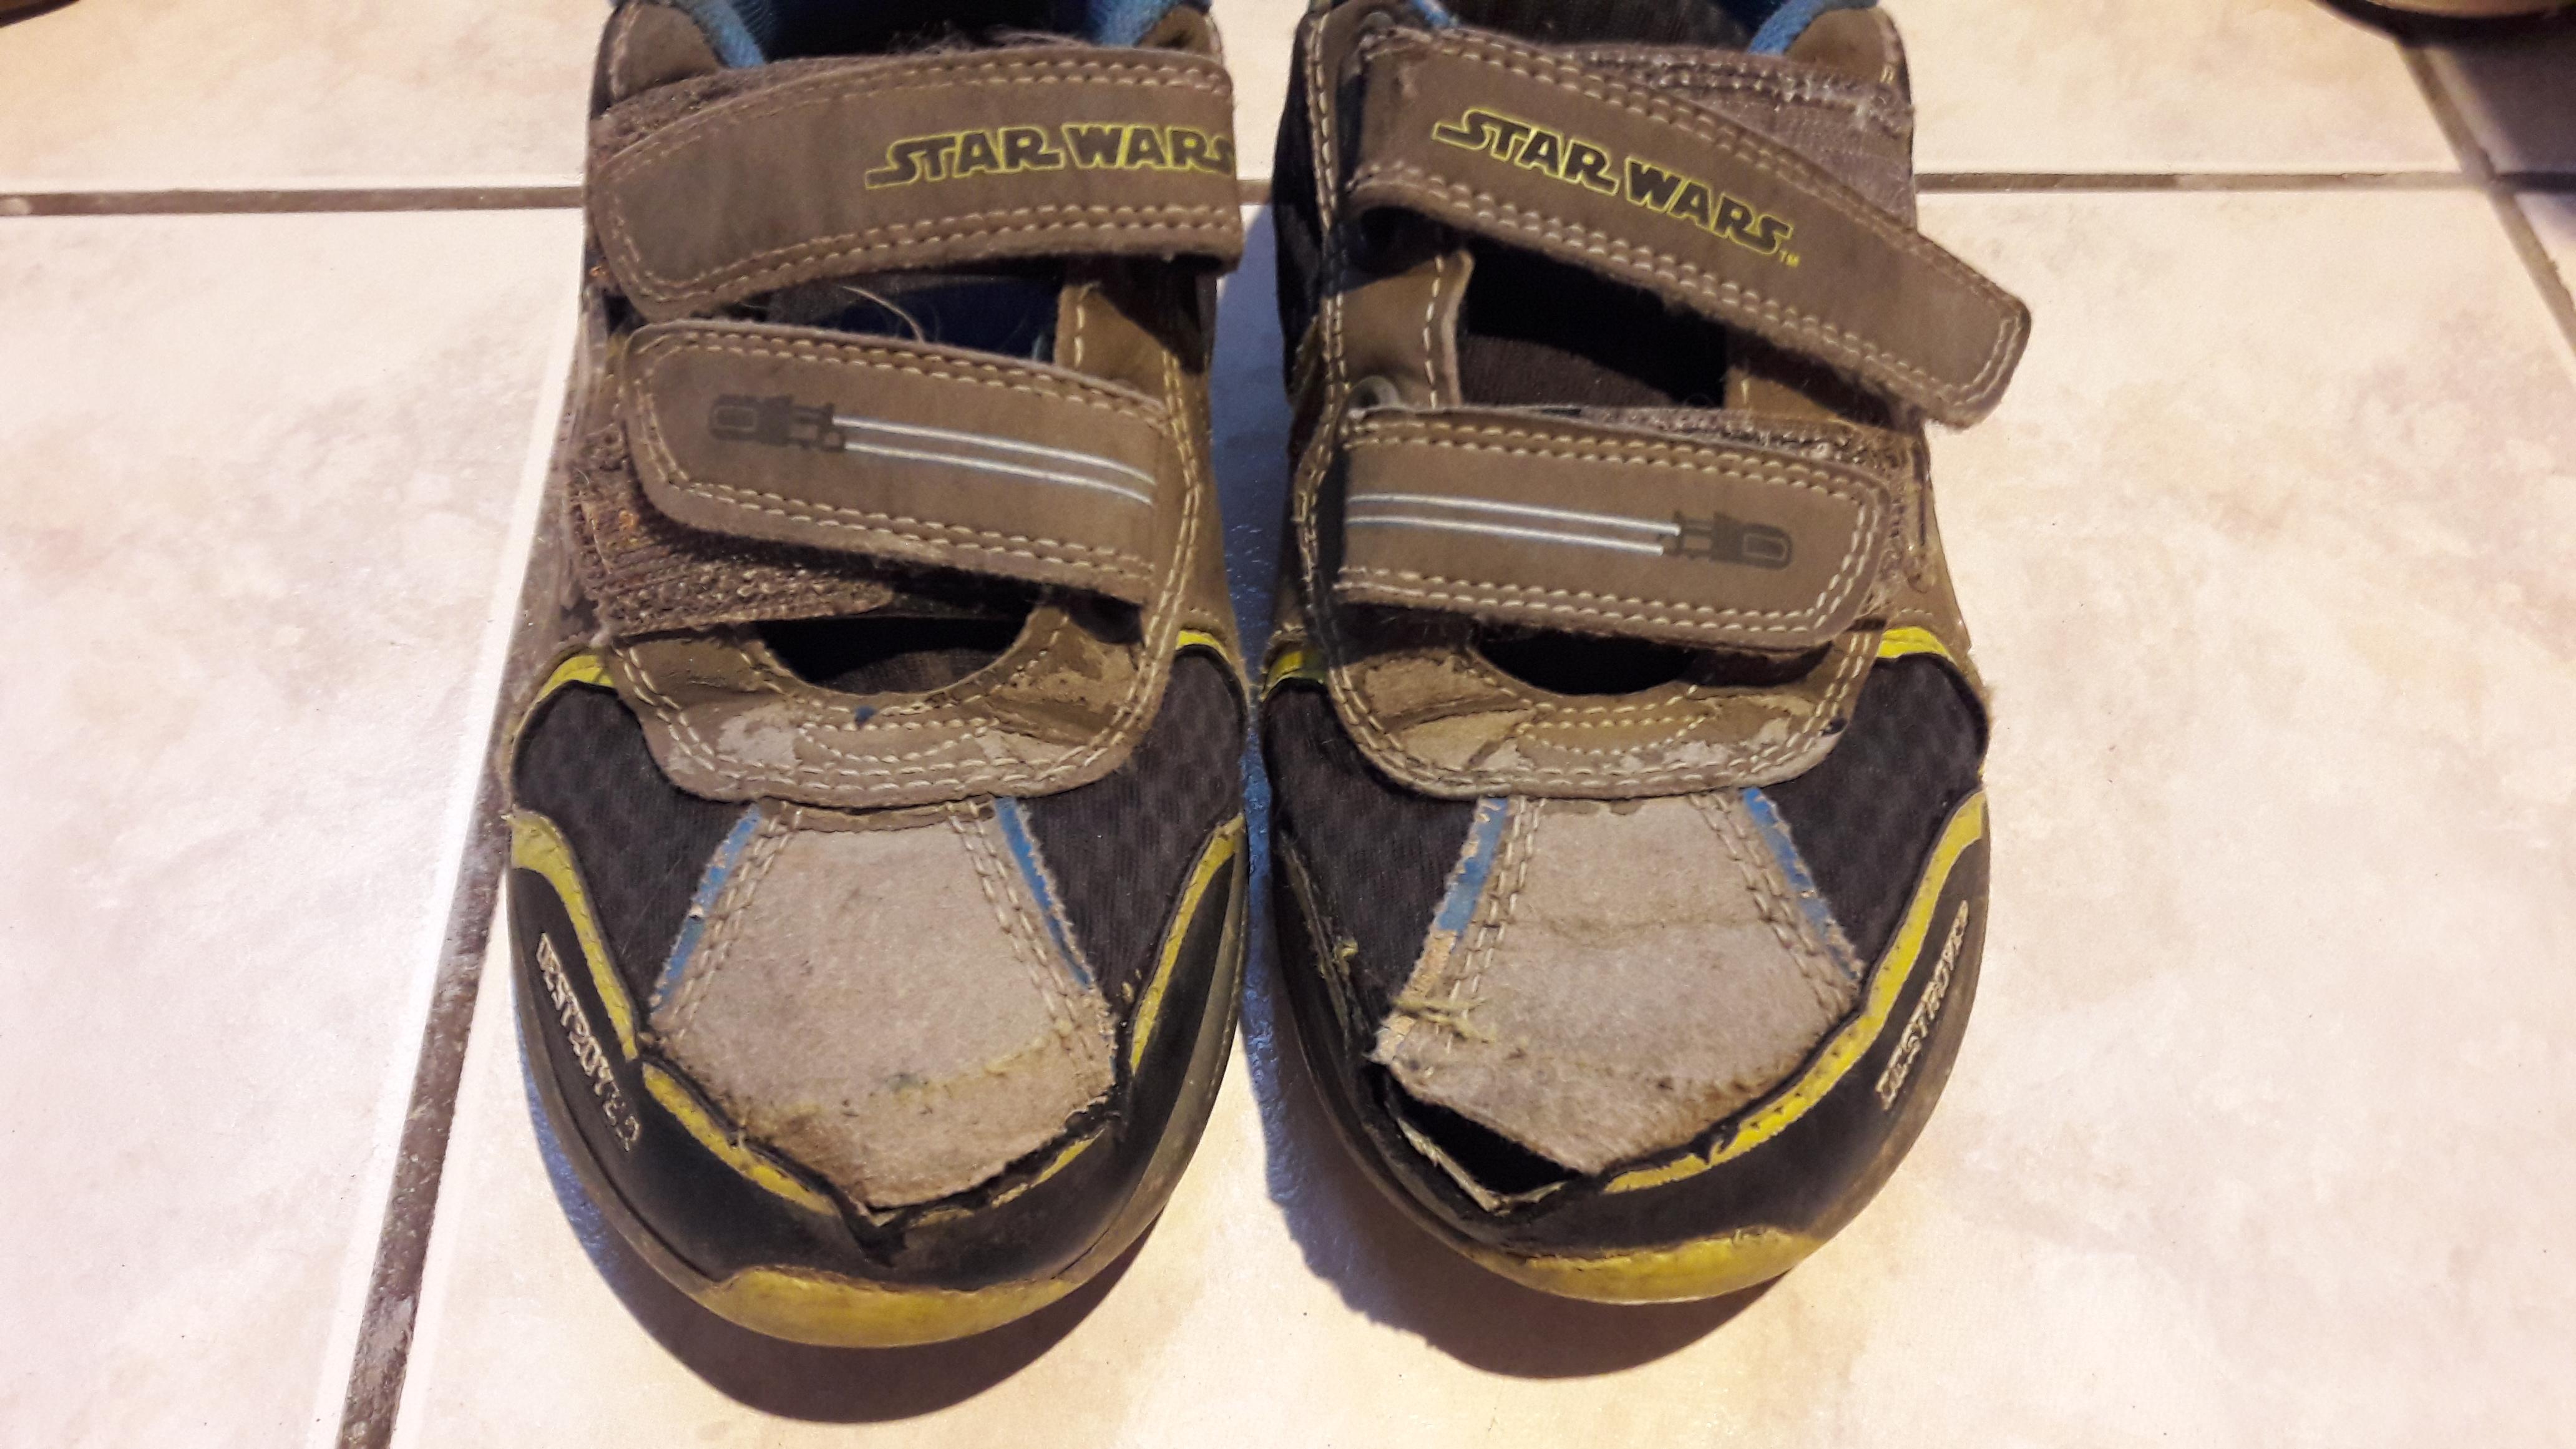 A te gyereked cipője se bír ki fél szezonnál többet  - Bezzeganya 1acdecacd3